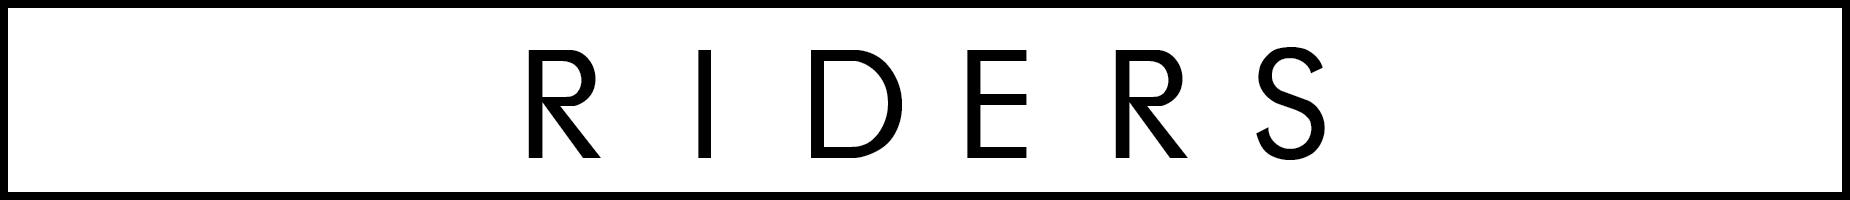 Headers_riders-01